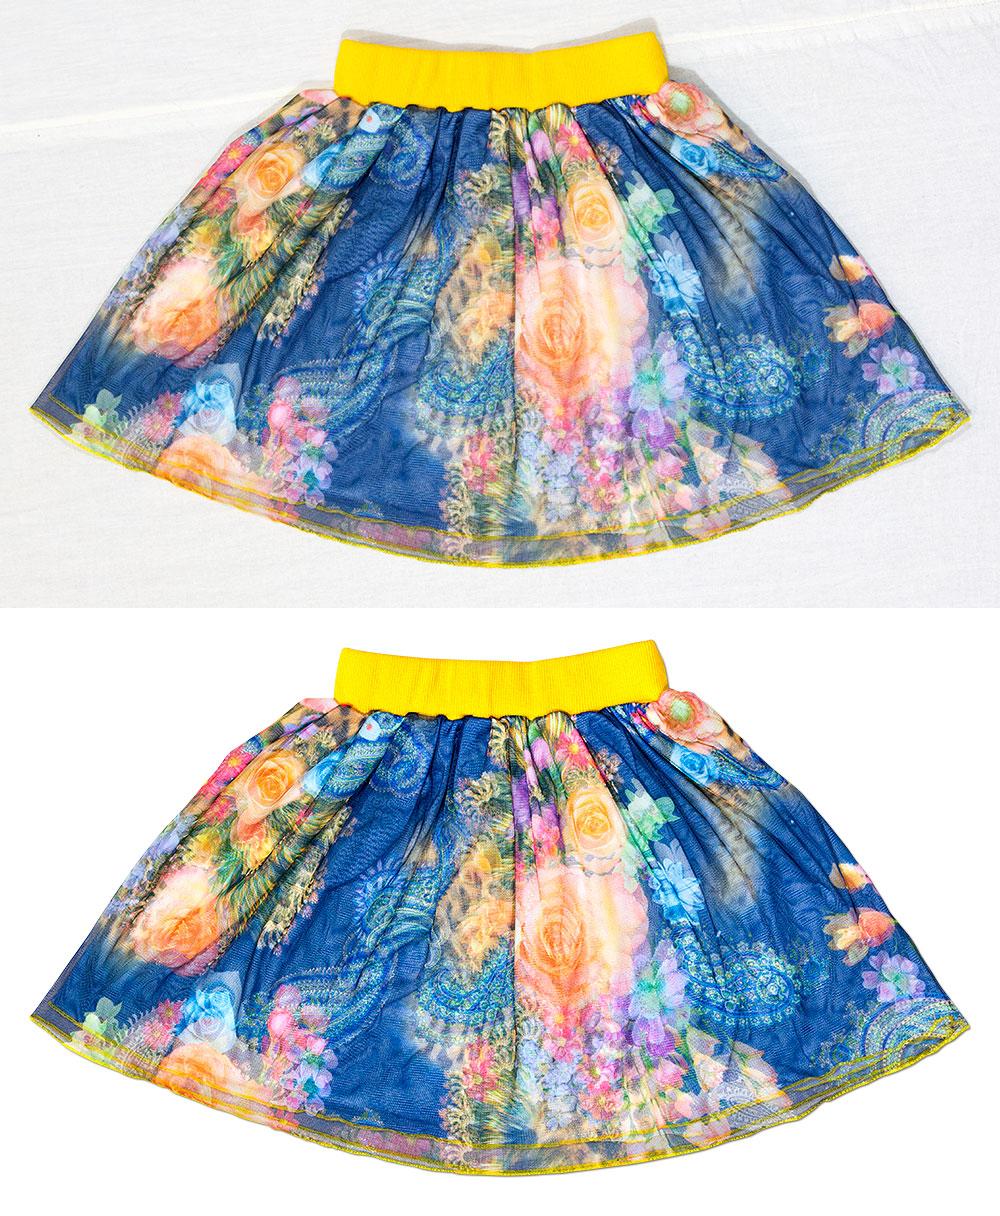 Предметная съемка для интернет-магазина 3D юбка